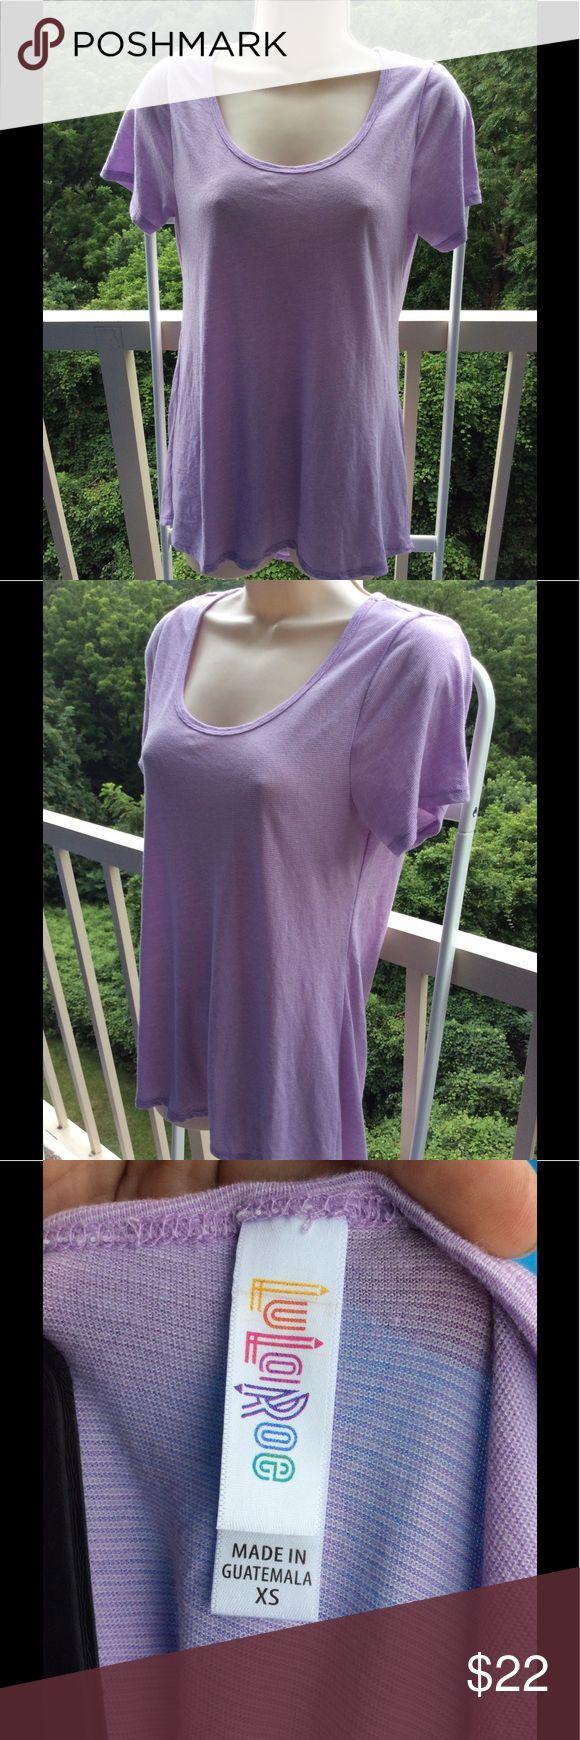 LuLaRoe XS Purple Striped Super Soft Shirt Super soft Lularoe subtly striped purple short sleeve shirt in XS. LuLaRoe Tops Tees - Short Sleeve